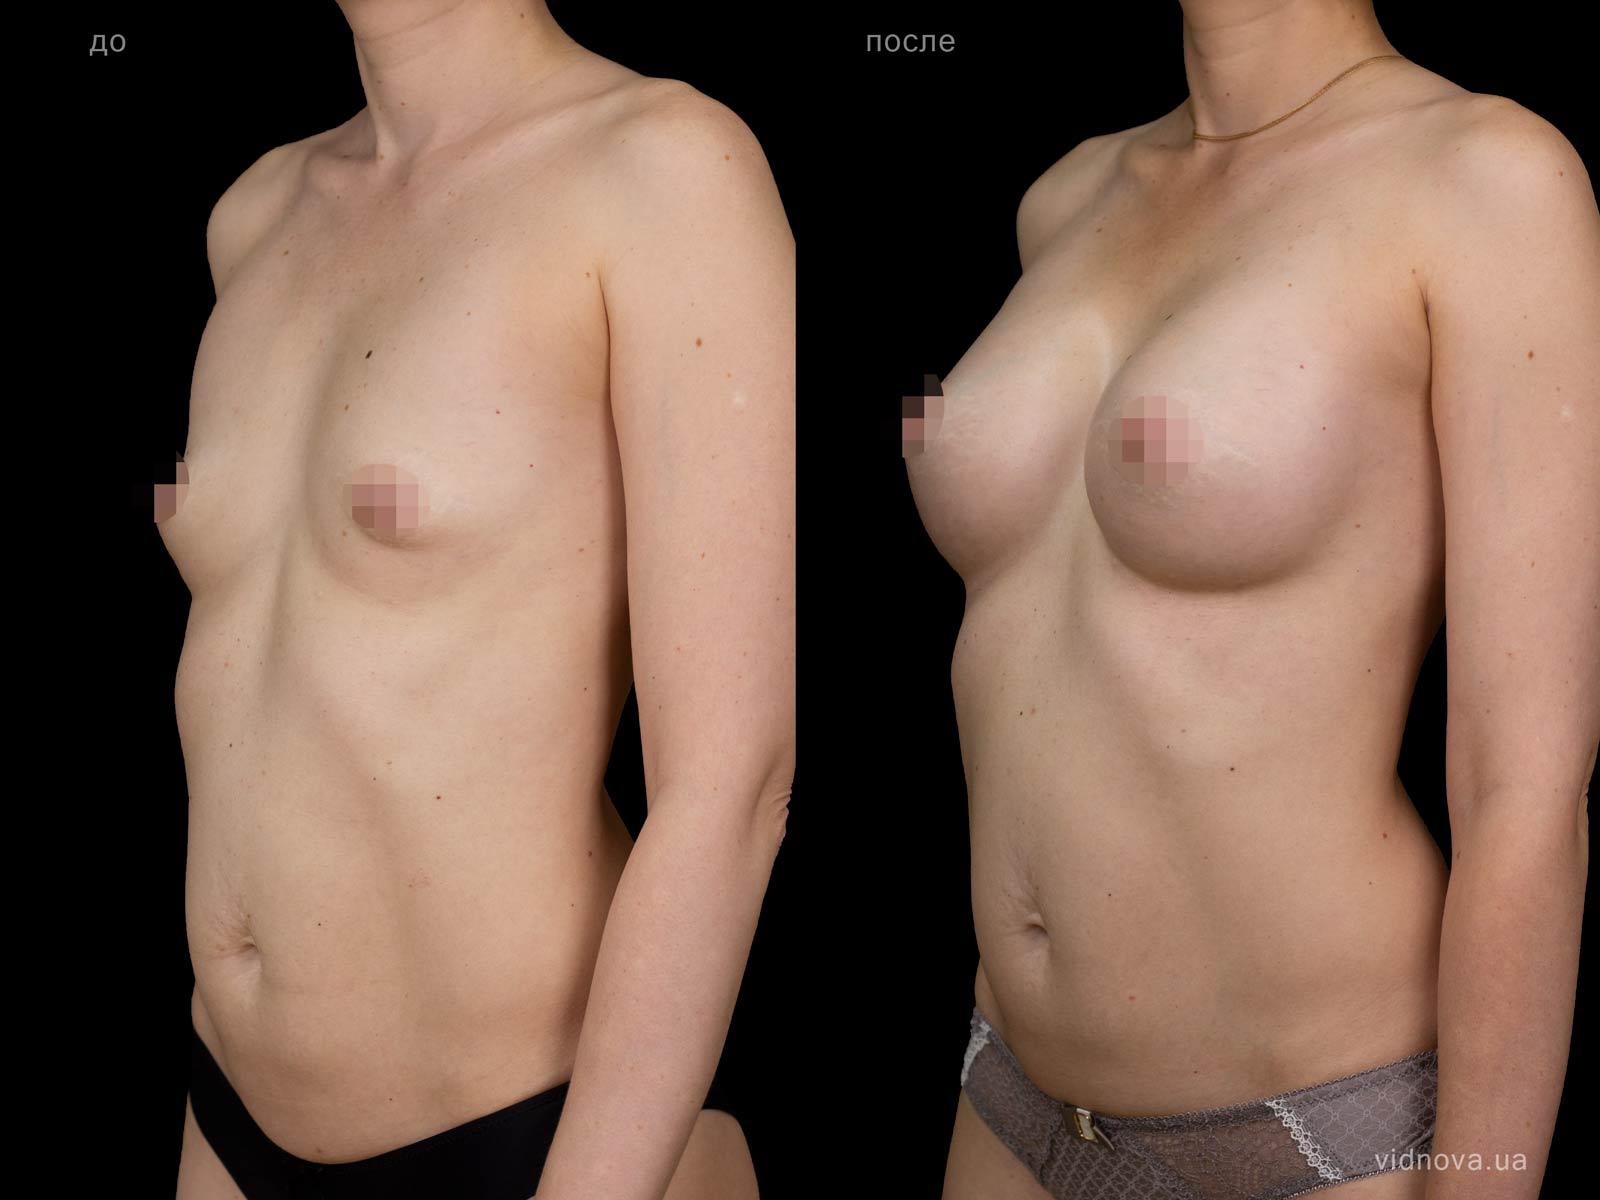 Пластика груди: результаты до и после - Пример №91-3 - Светлана Работенко